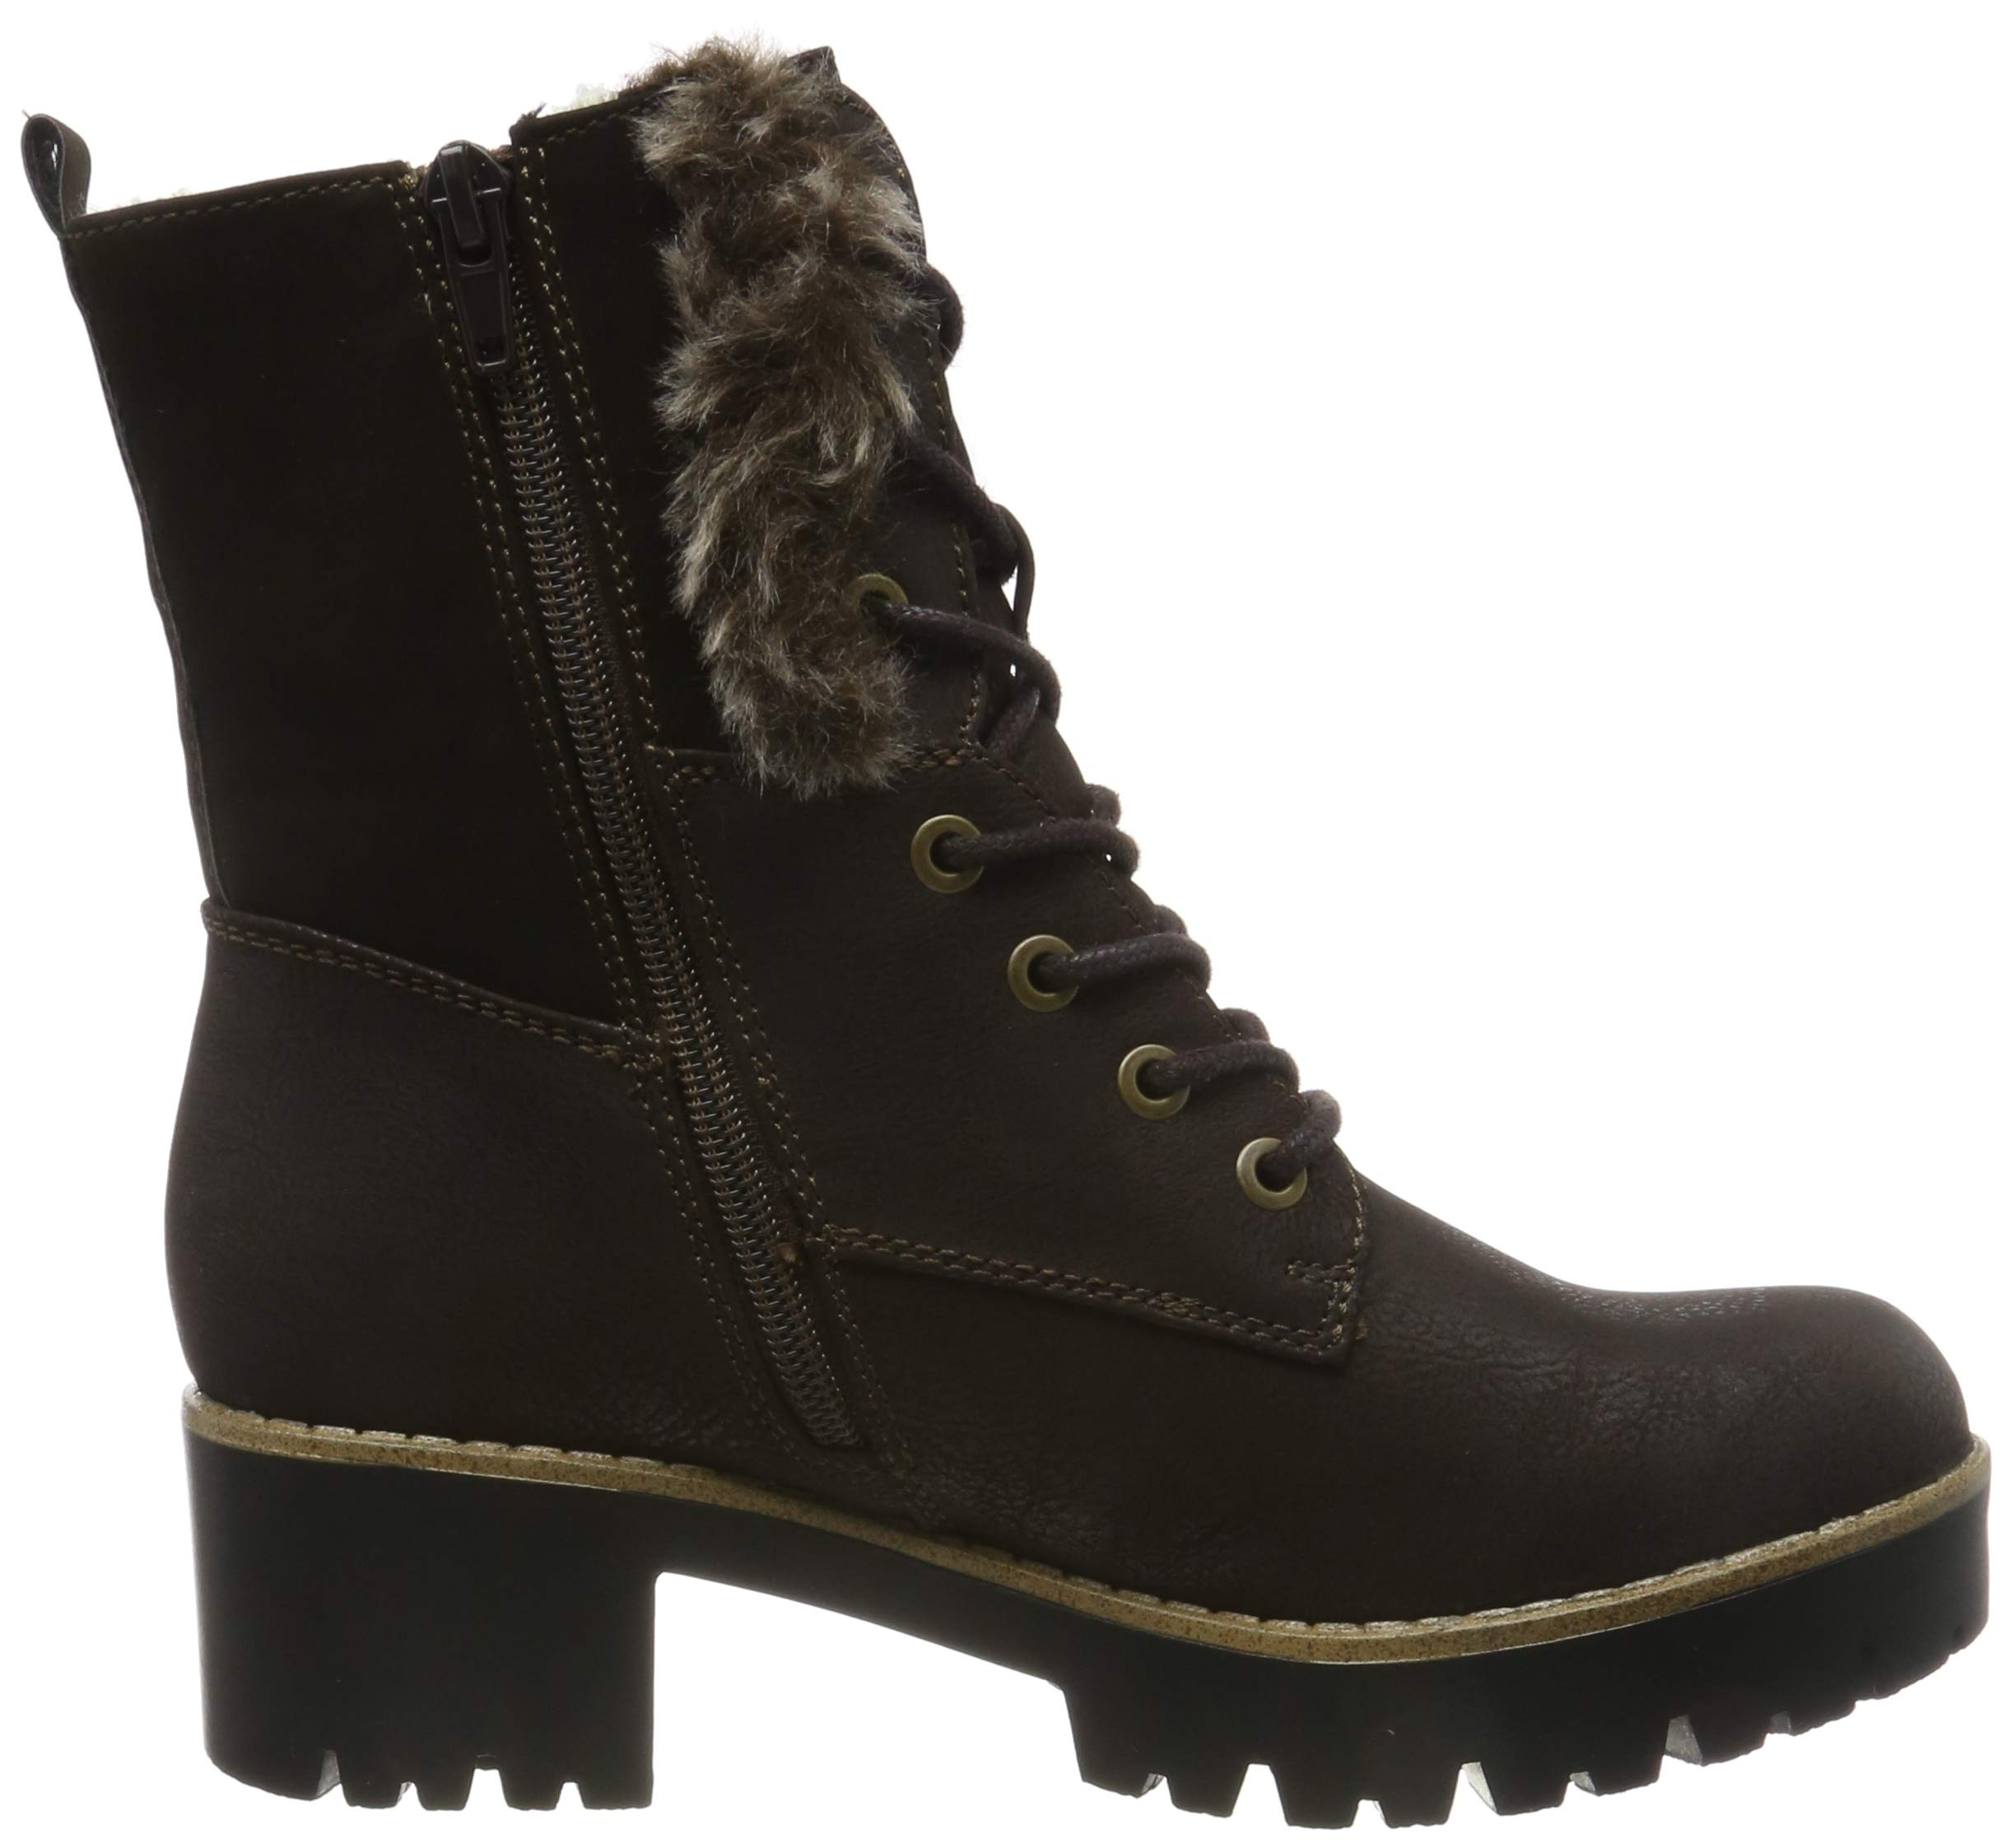 Rieker Women's Herbst/Winter Ankle Boots 13